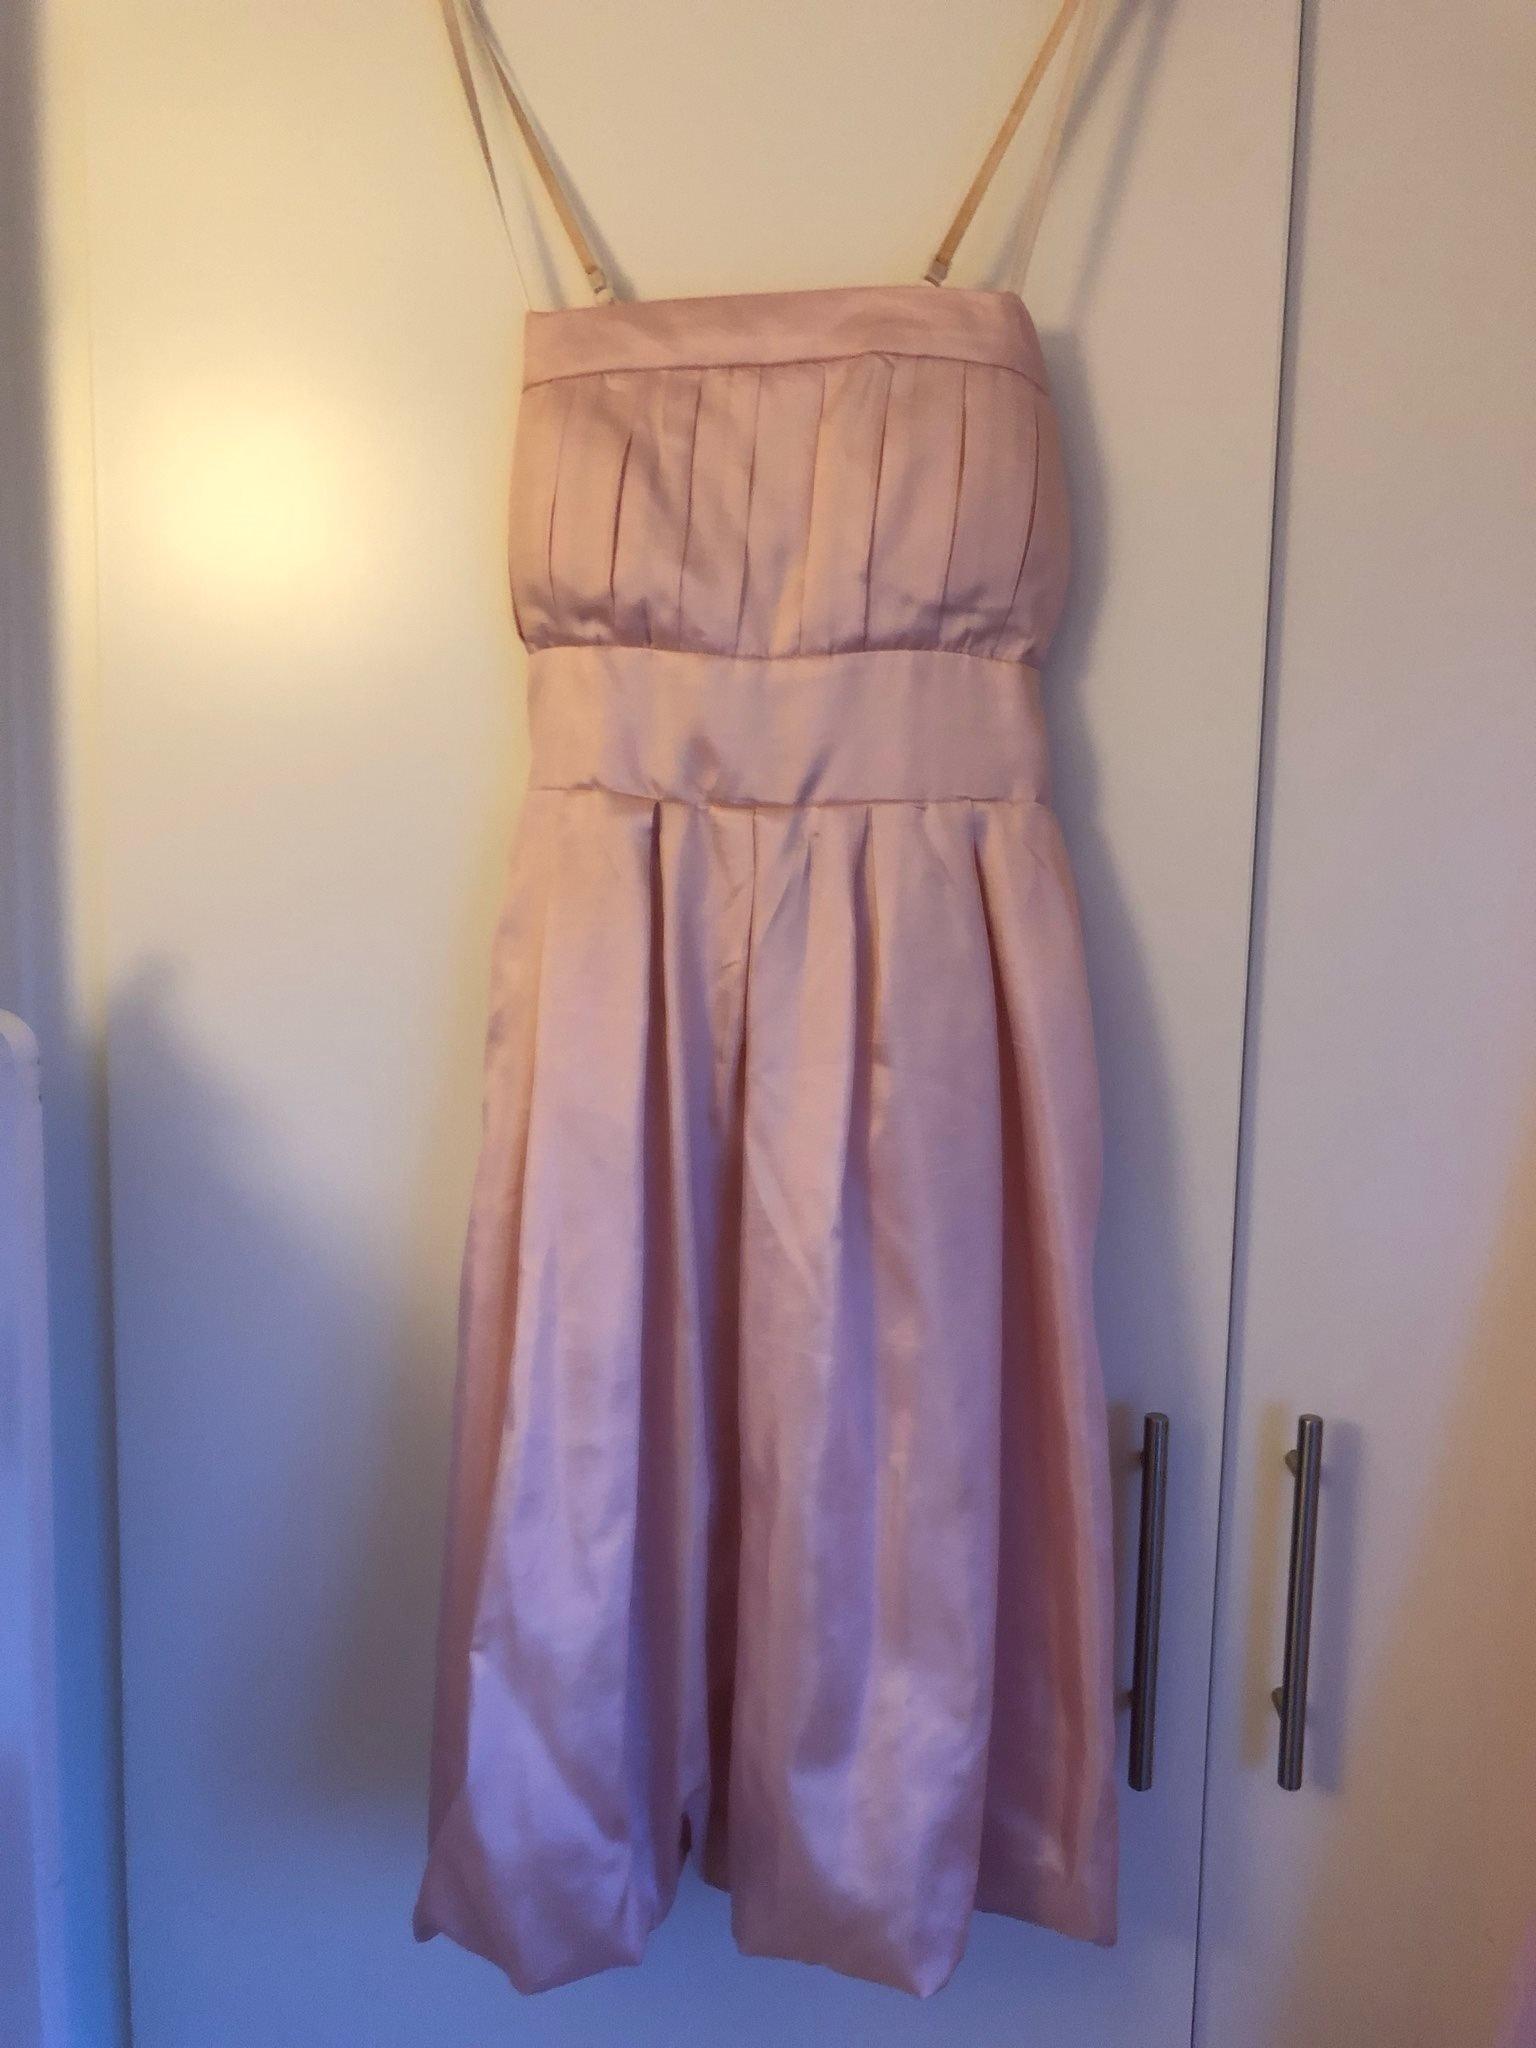 9f0ddd0528a1 Vacker balklänning/tärnklänning (36) (352878557) ᐈ Köp på Tradera